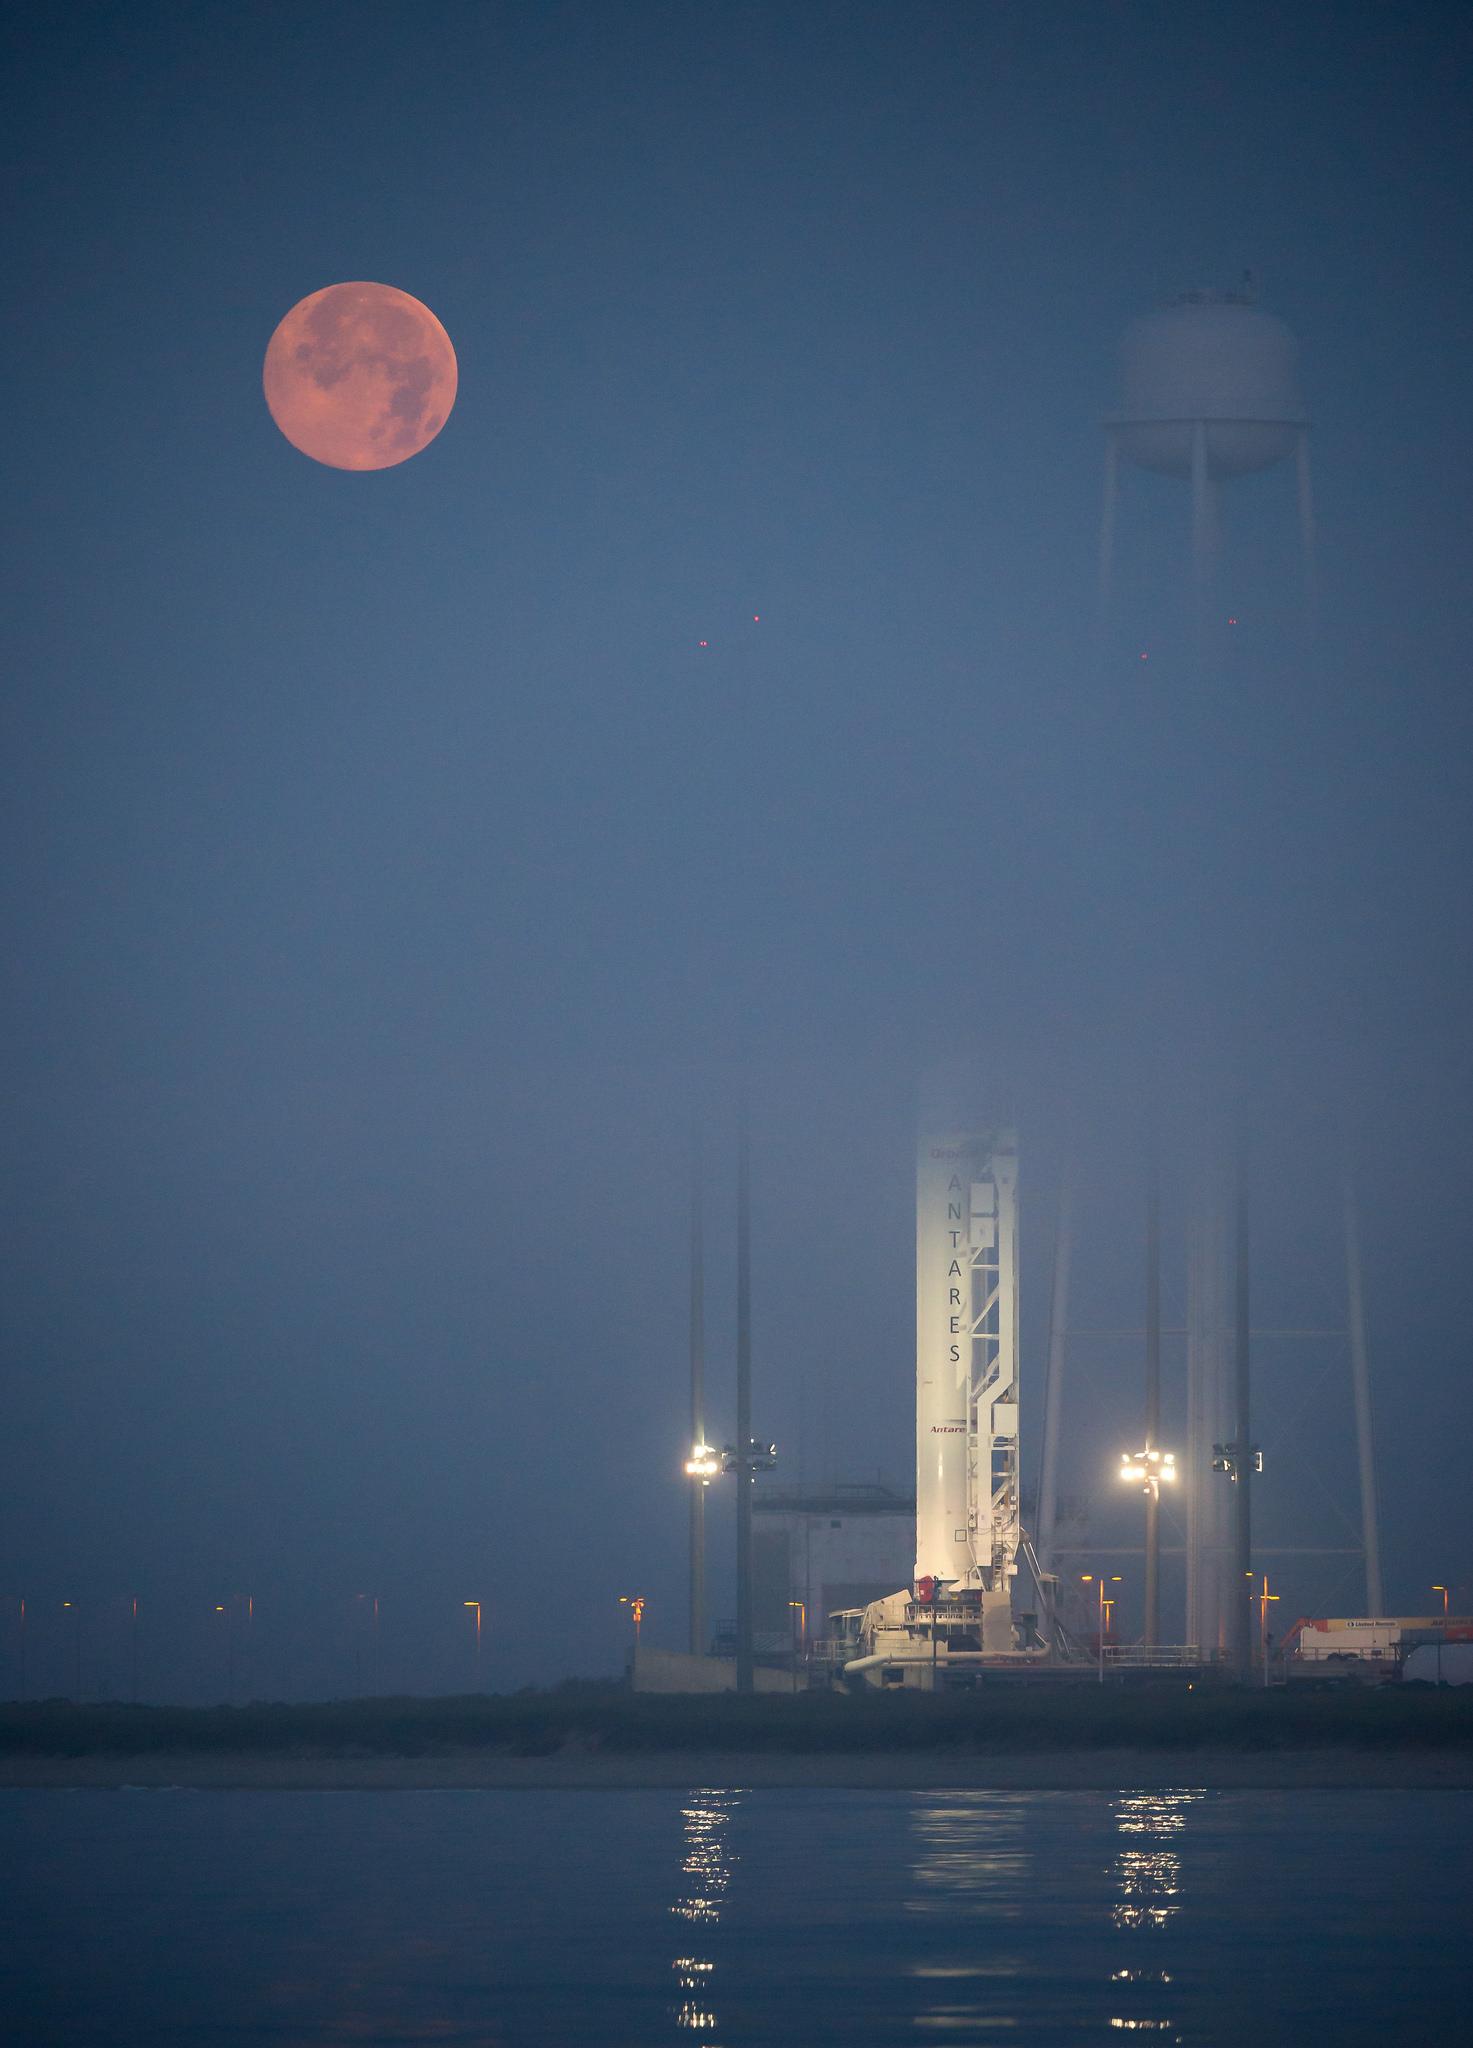 Supermoon Sets Behind Antares Rocket